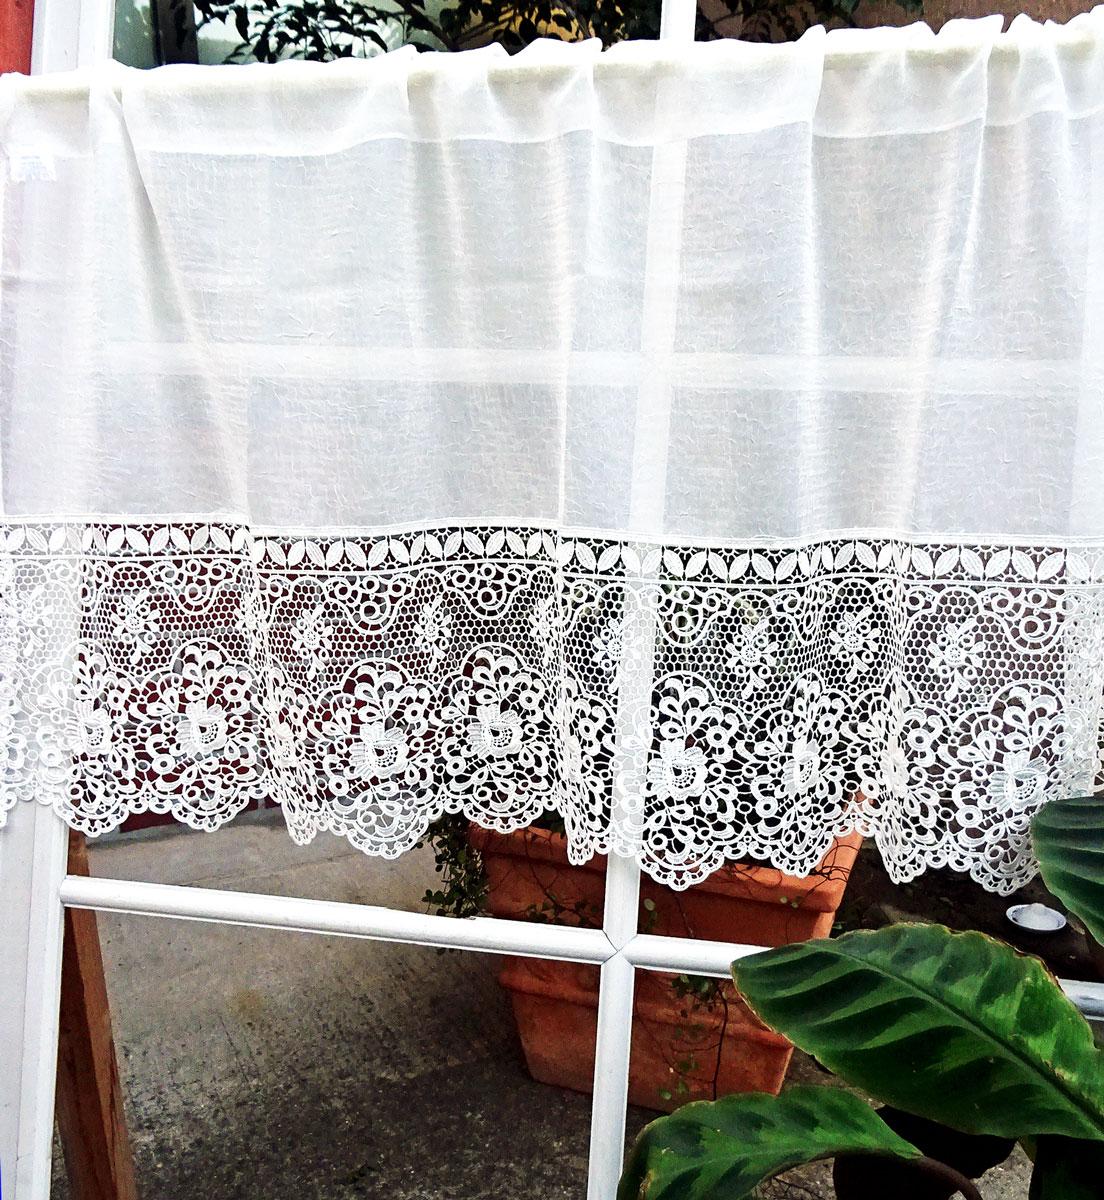 あす楽★【送料無料】上質ライフスタイルな【縦45cm】『カフェカーテン』白なレースに半透明生地  ショート 小窓が、綺麗だと建物が、おしゃれに見えます。